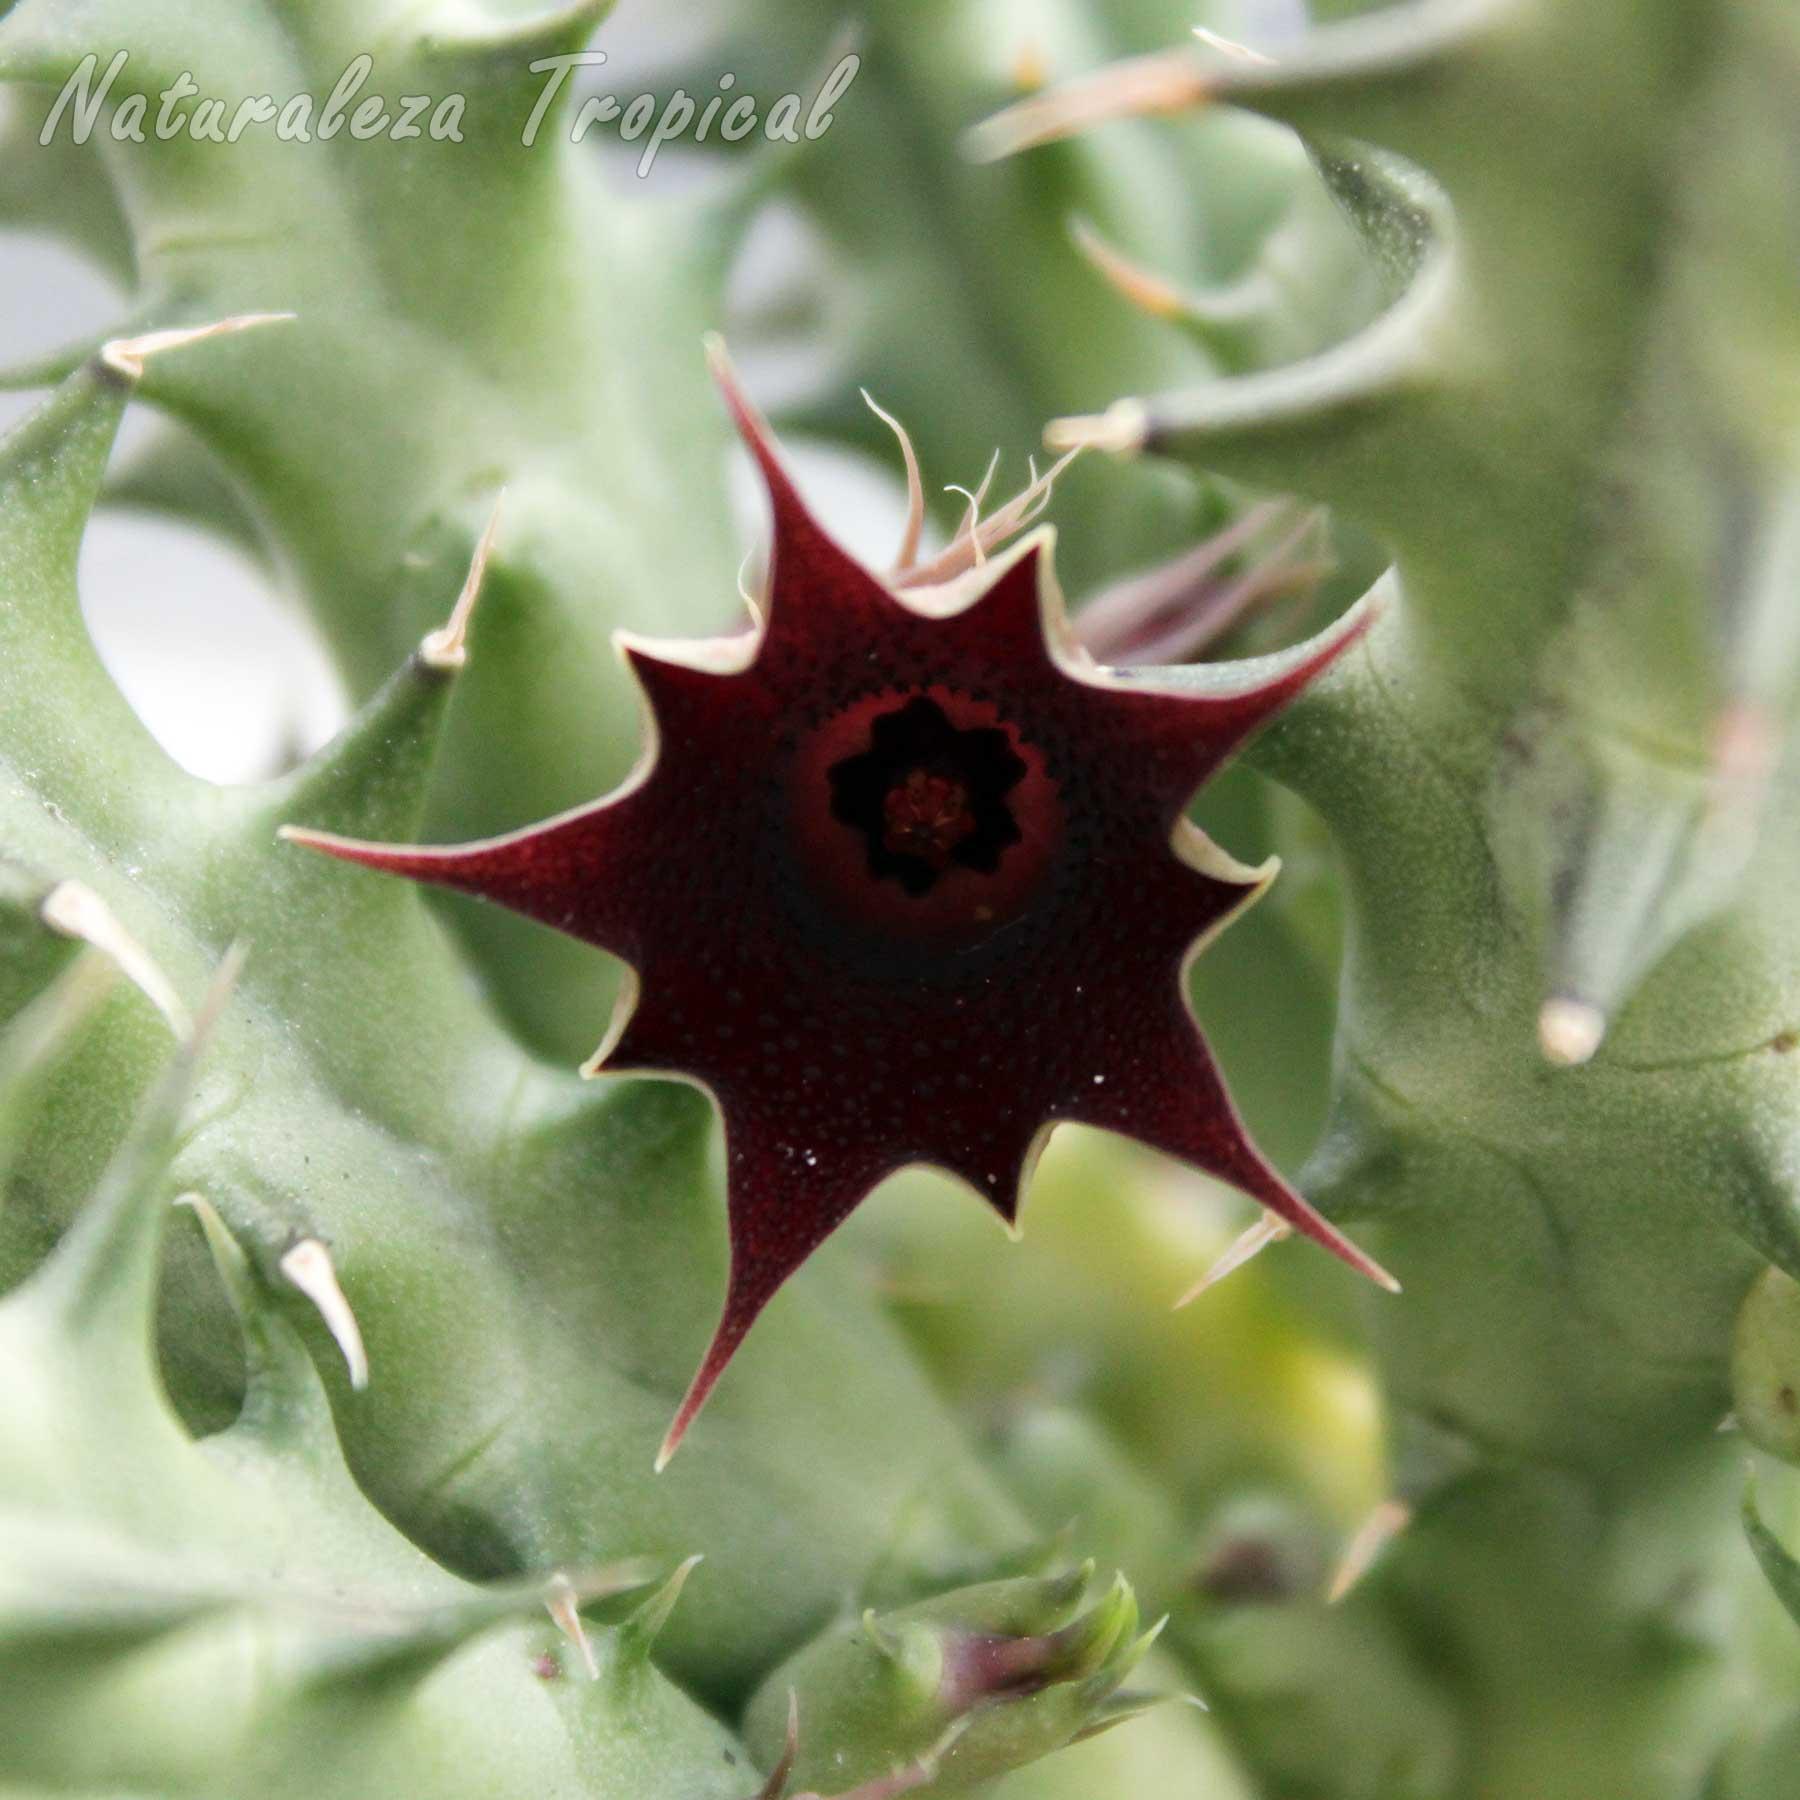 Otra vista de la flor de un híbrido del género Huernia (Huernia aff. macrocarpa x Huernia x keniensis)